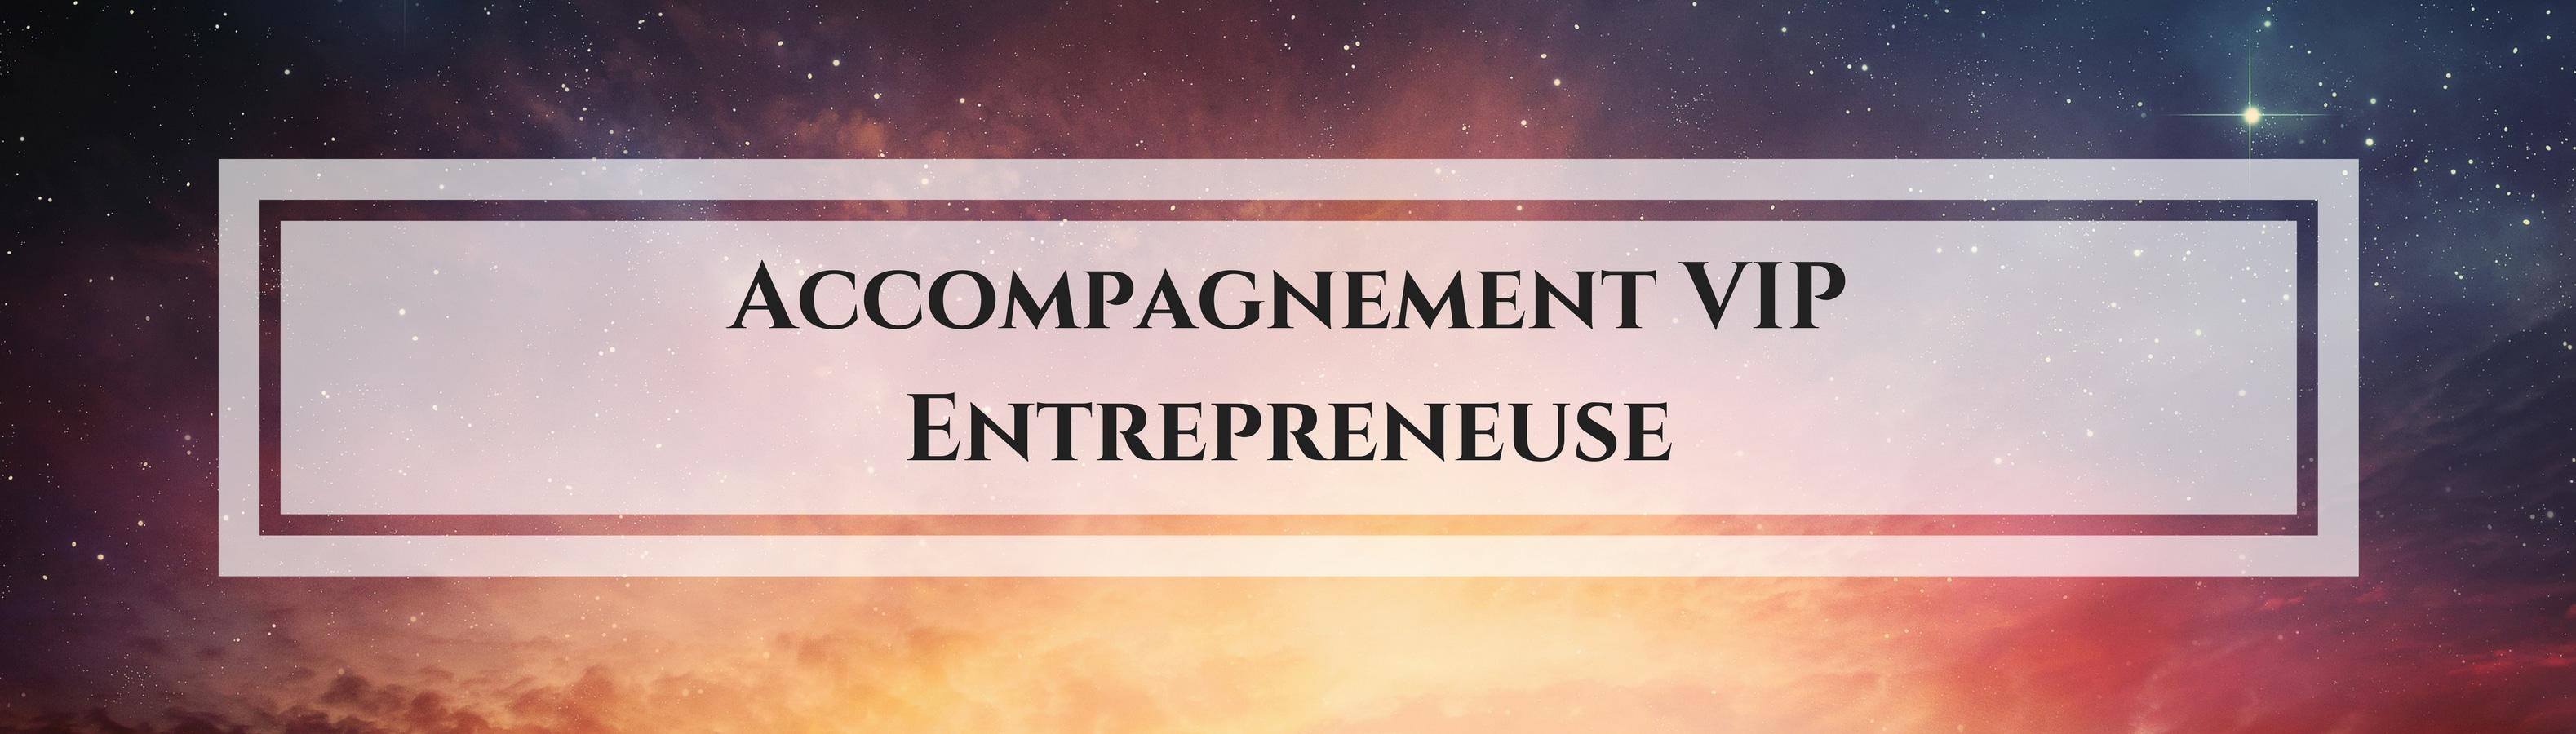 Accompagnement VIP Entrepreneuses / Laurie Audibert / Coach Holistique